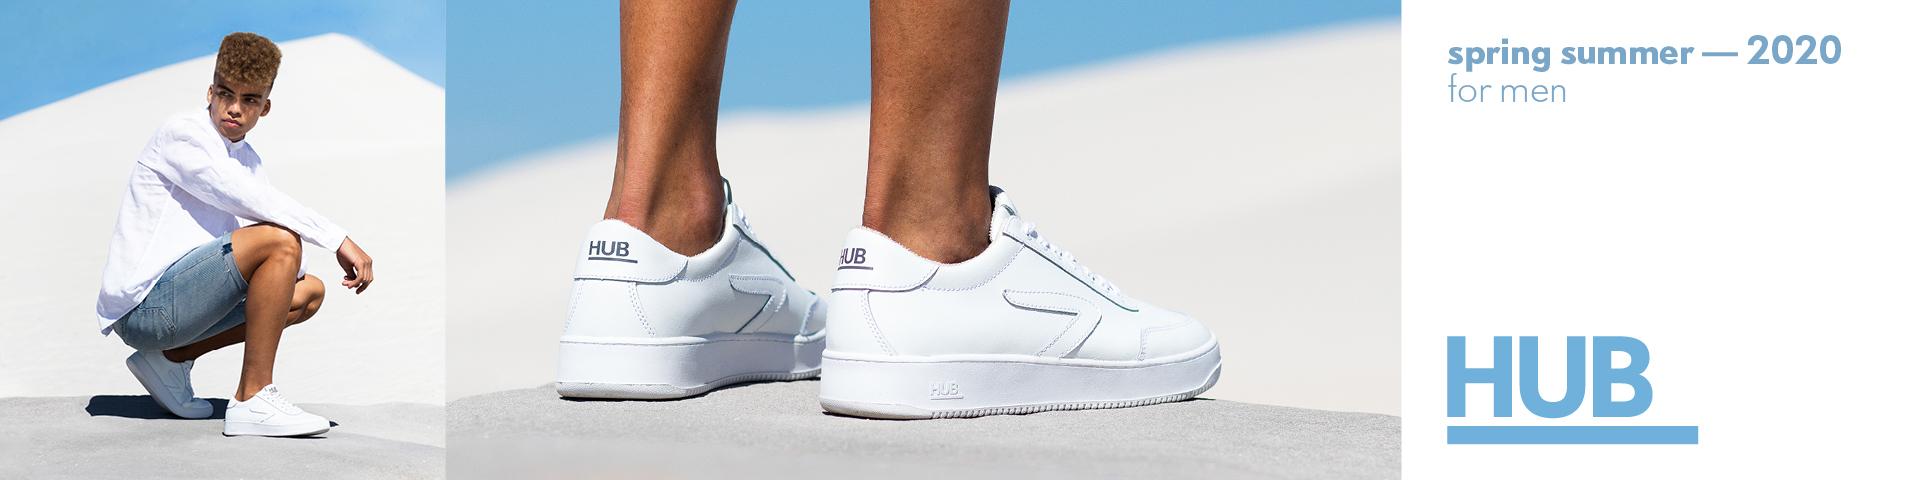 Chaussures homme HUB bleu | Large choix en ligne sur Zalando